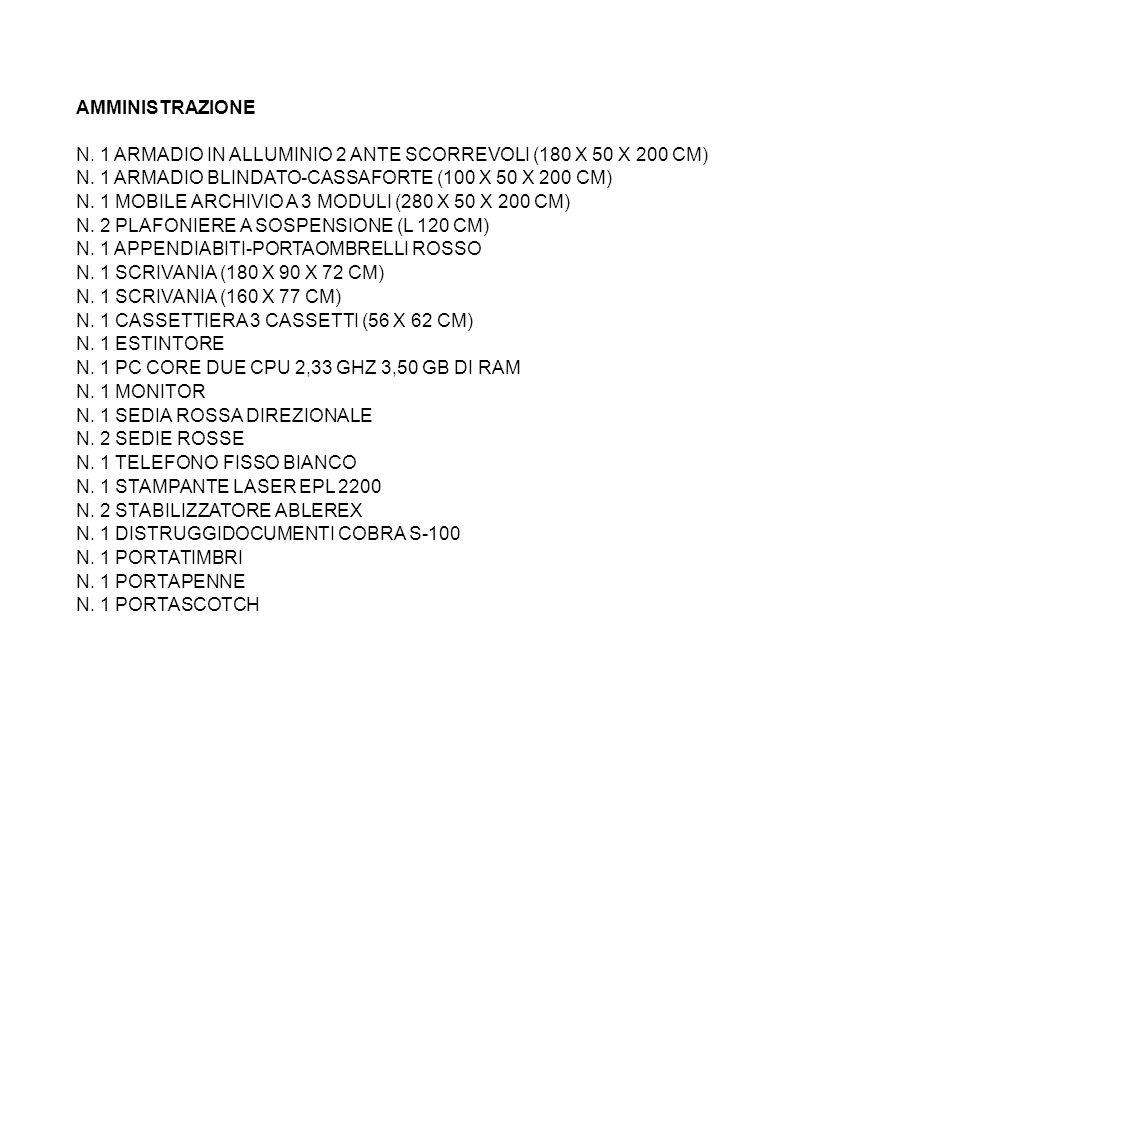 AMMINISTRAZIONE N. 1 ARMADIO IN ALLUMINIO 2 ANTE SCORREVOLI (180 X 50 X 200 CM) N. 1 ARMADIO BLINDATO-CASSAFORTE (100 X 50 X 200 CM) N. 1 MOBILE ARCHI